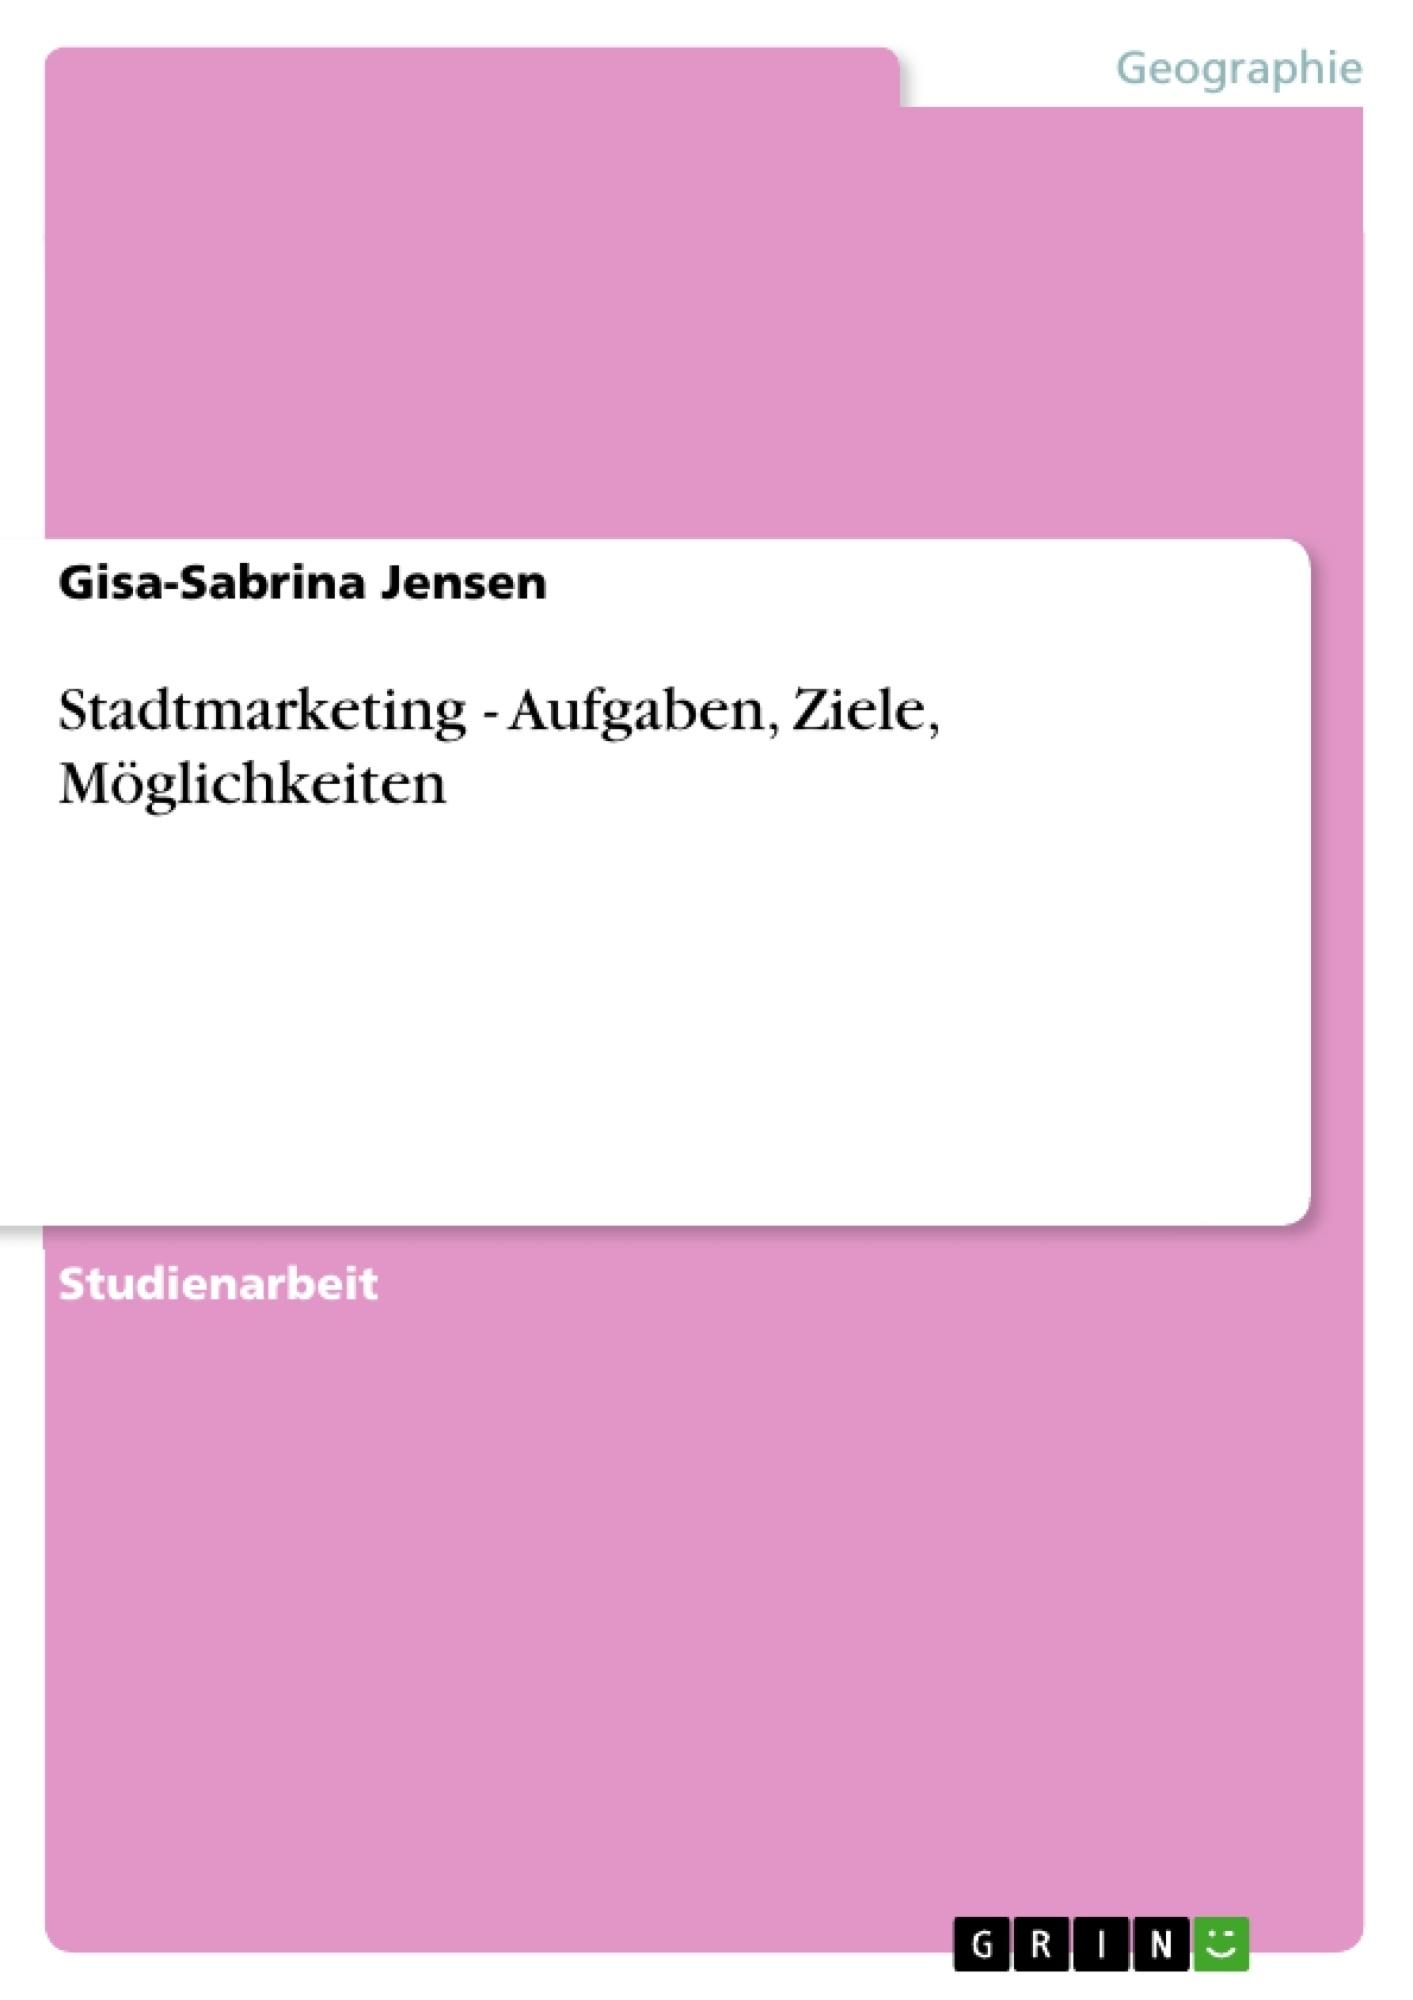 Titel: Stadtmarketing - Aufgaben, Ziele, Möglichkeiten